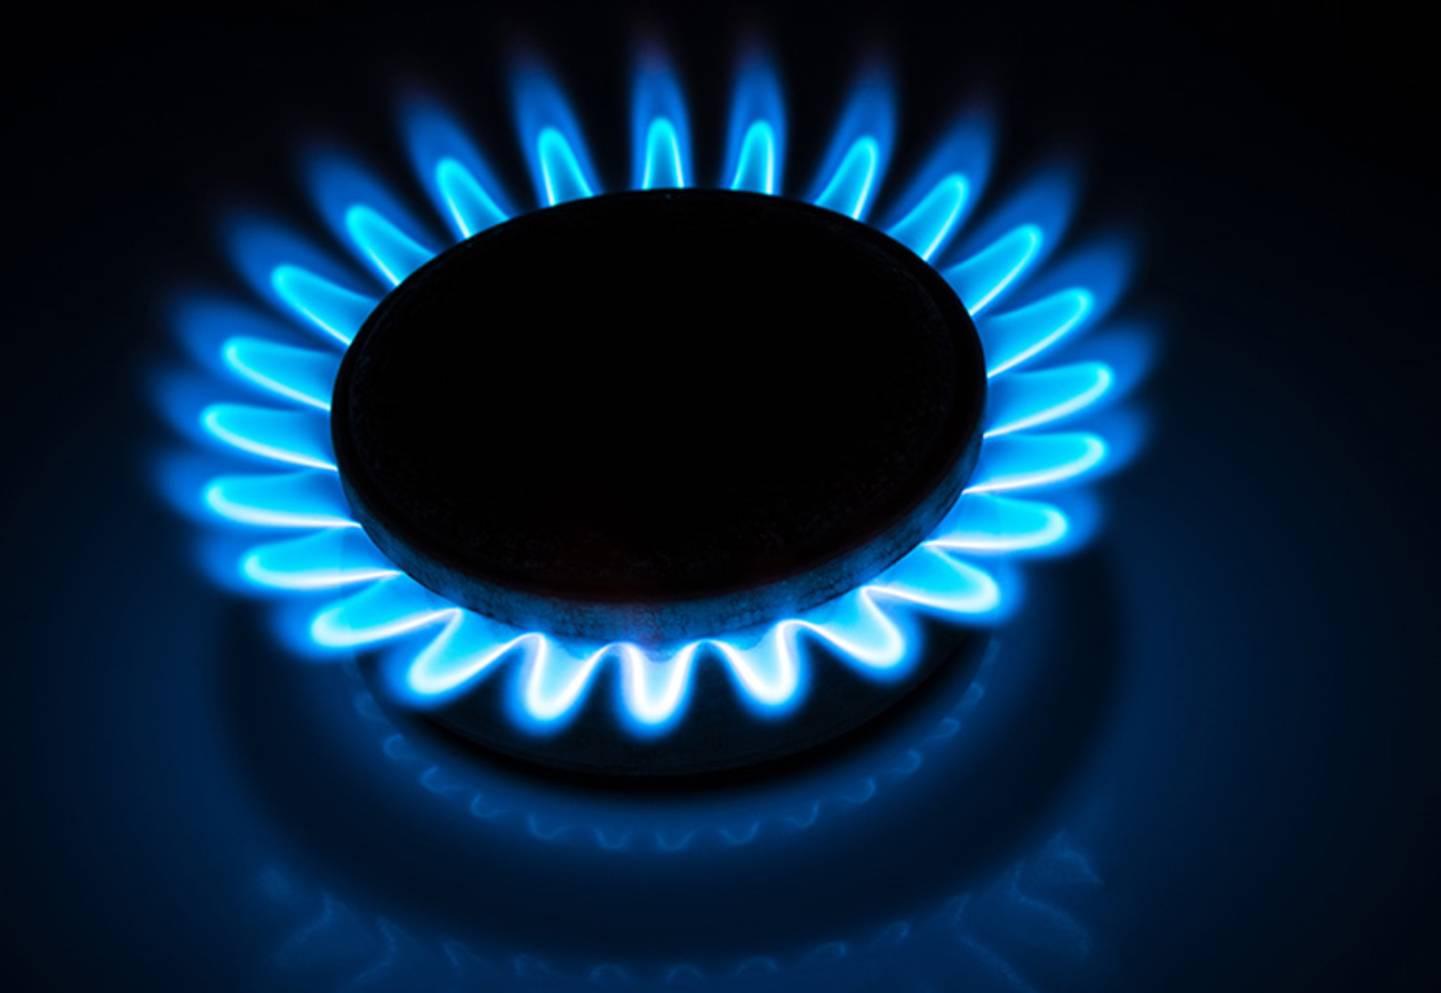 Schützen Sie sich von der unsichtbaren Gefahr Kohlenmonoxid »